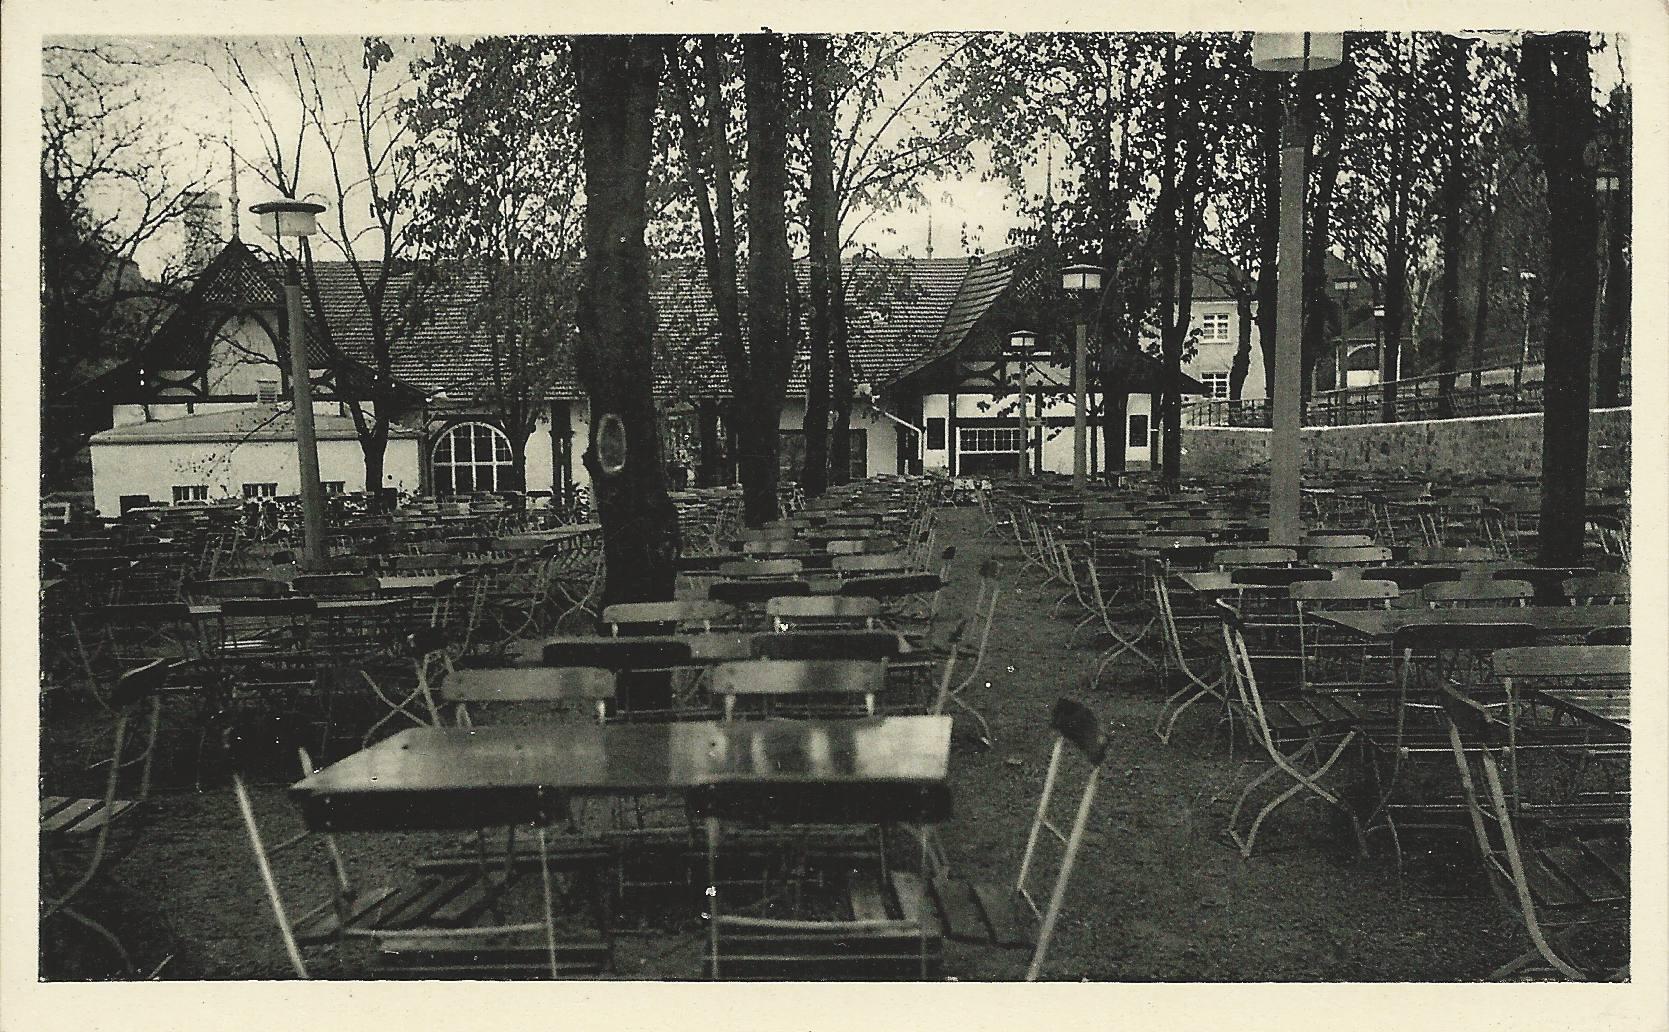 Der Beer'sche Felskenkeller war ebenfalls eine gut besuchte Gastronomie am Nikolausberg. Archiv: Willi Dürrnagel